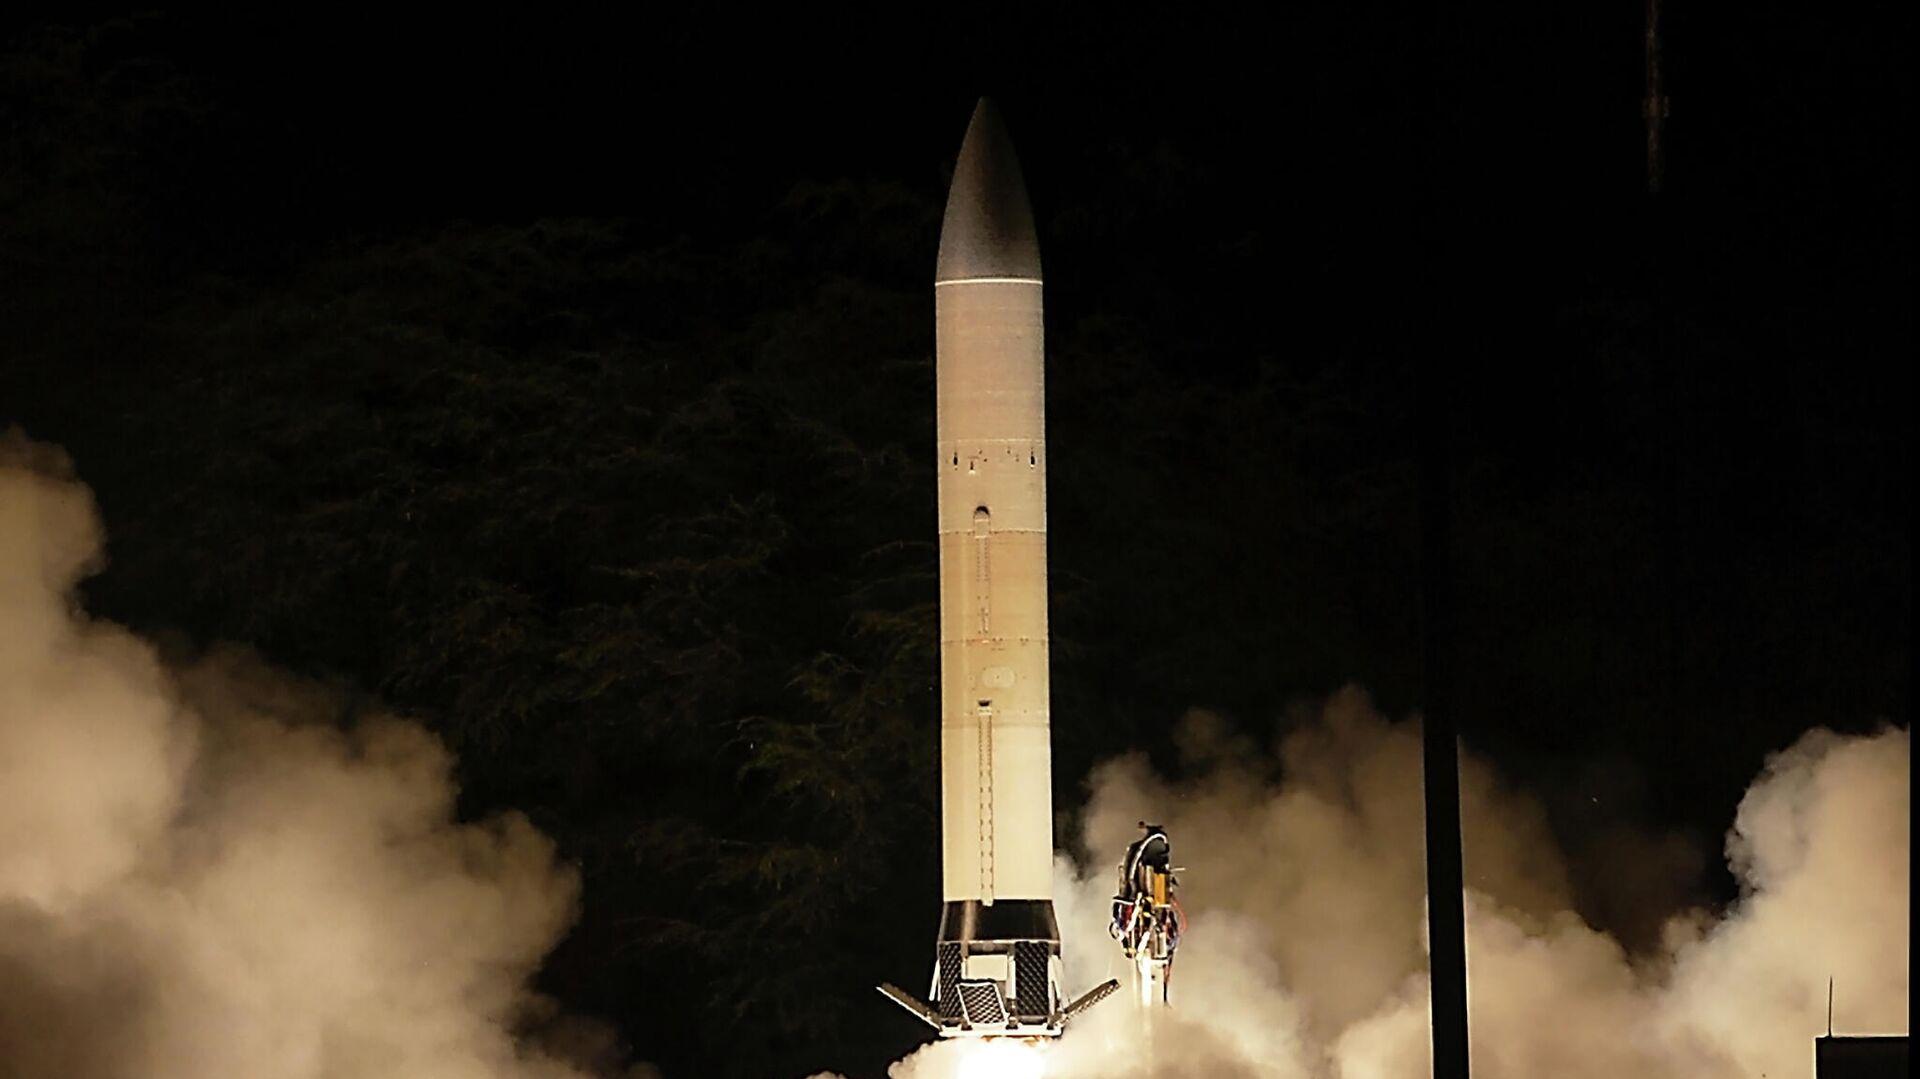 Первый запуск прототипа перспективного гиперзвукового оружия (Advanced Hypersonic Weapon ) на полигоне в США - РИА Новости, 1920, 30.10.2020